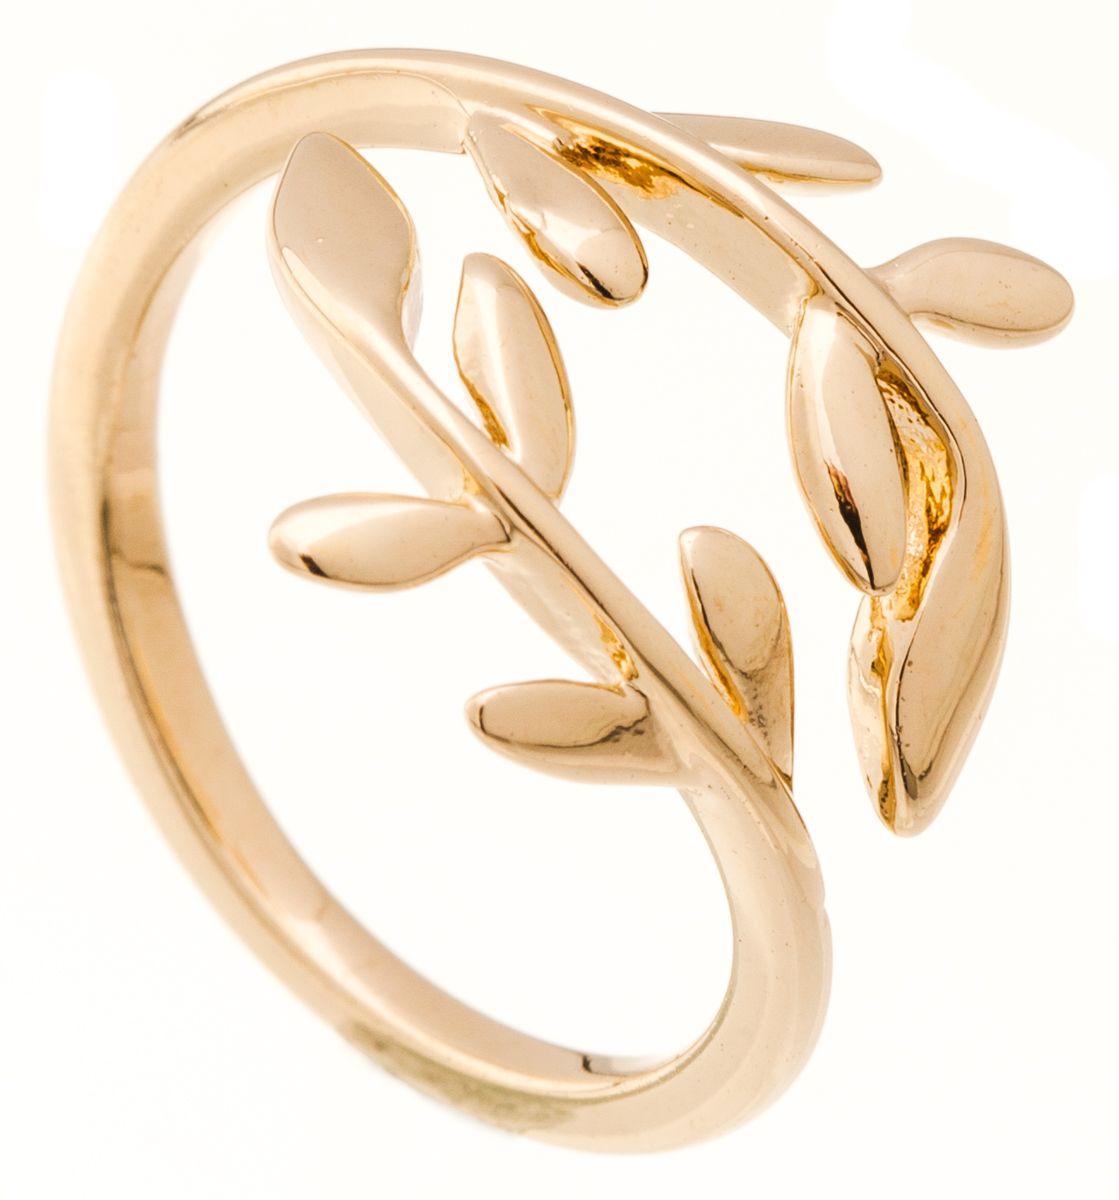 Jenavi, Коллекция Young 2, Райта (Кольцо), цвет - золотой, , размер - 18f650p090Коллекция Young 2, Райта (Кольцо) гипоаллергенный ювелирный сплав,Позолота, вставка без вставок, цвет - золотой, , размер - 18